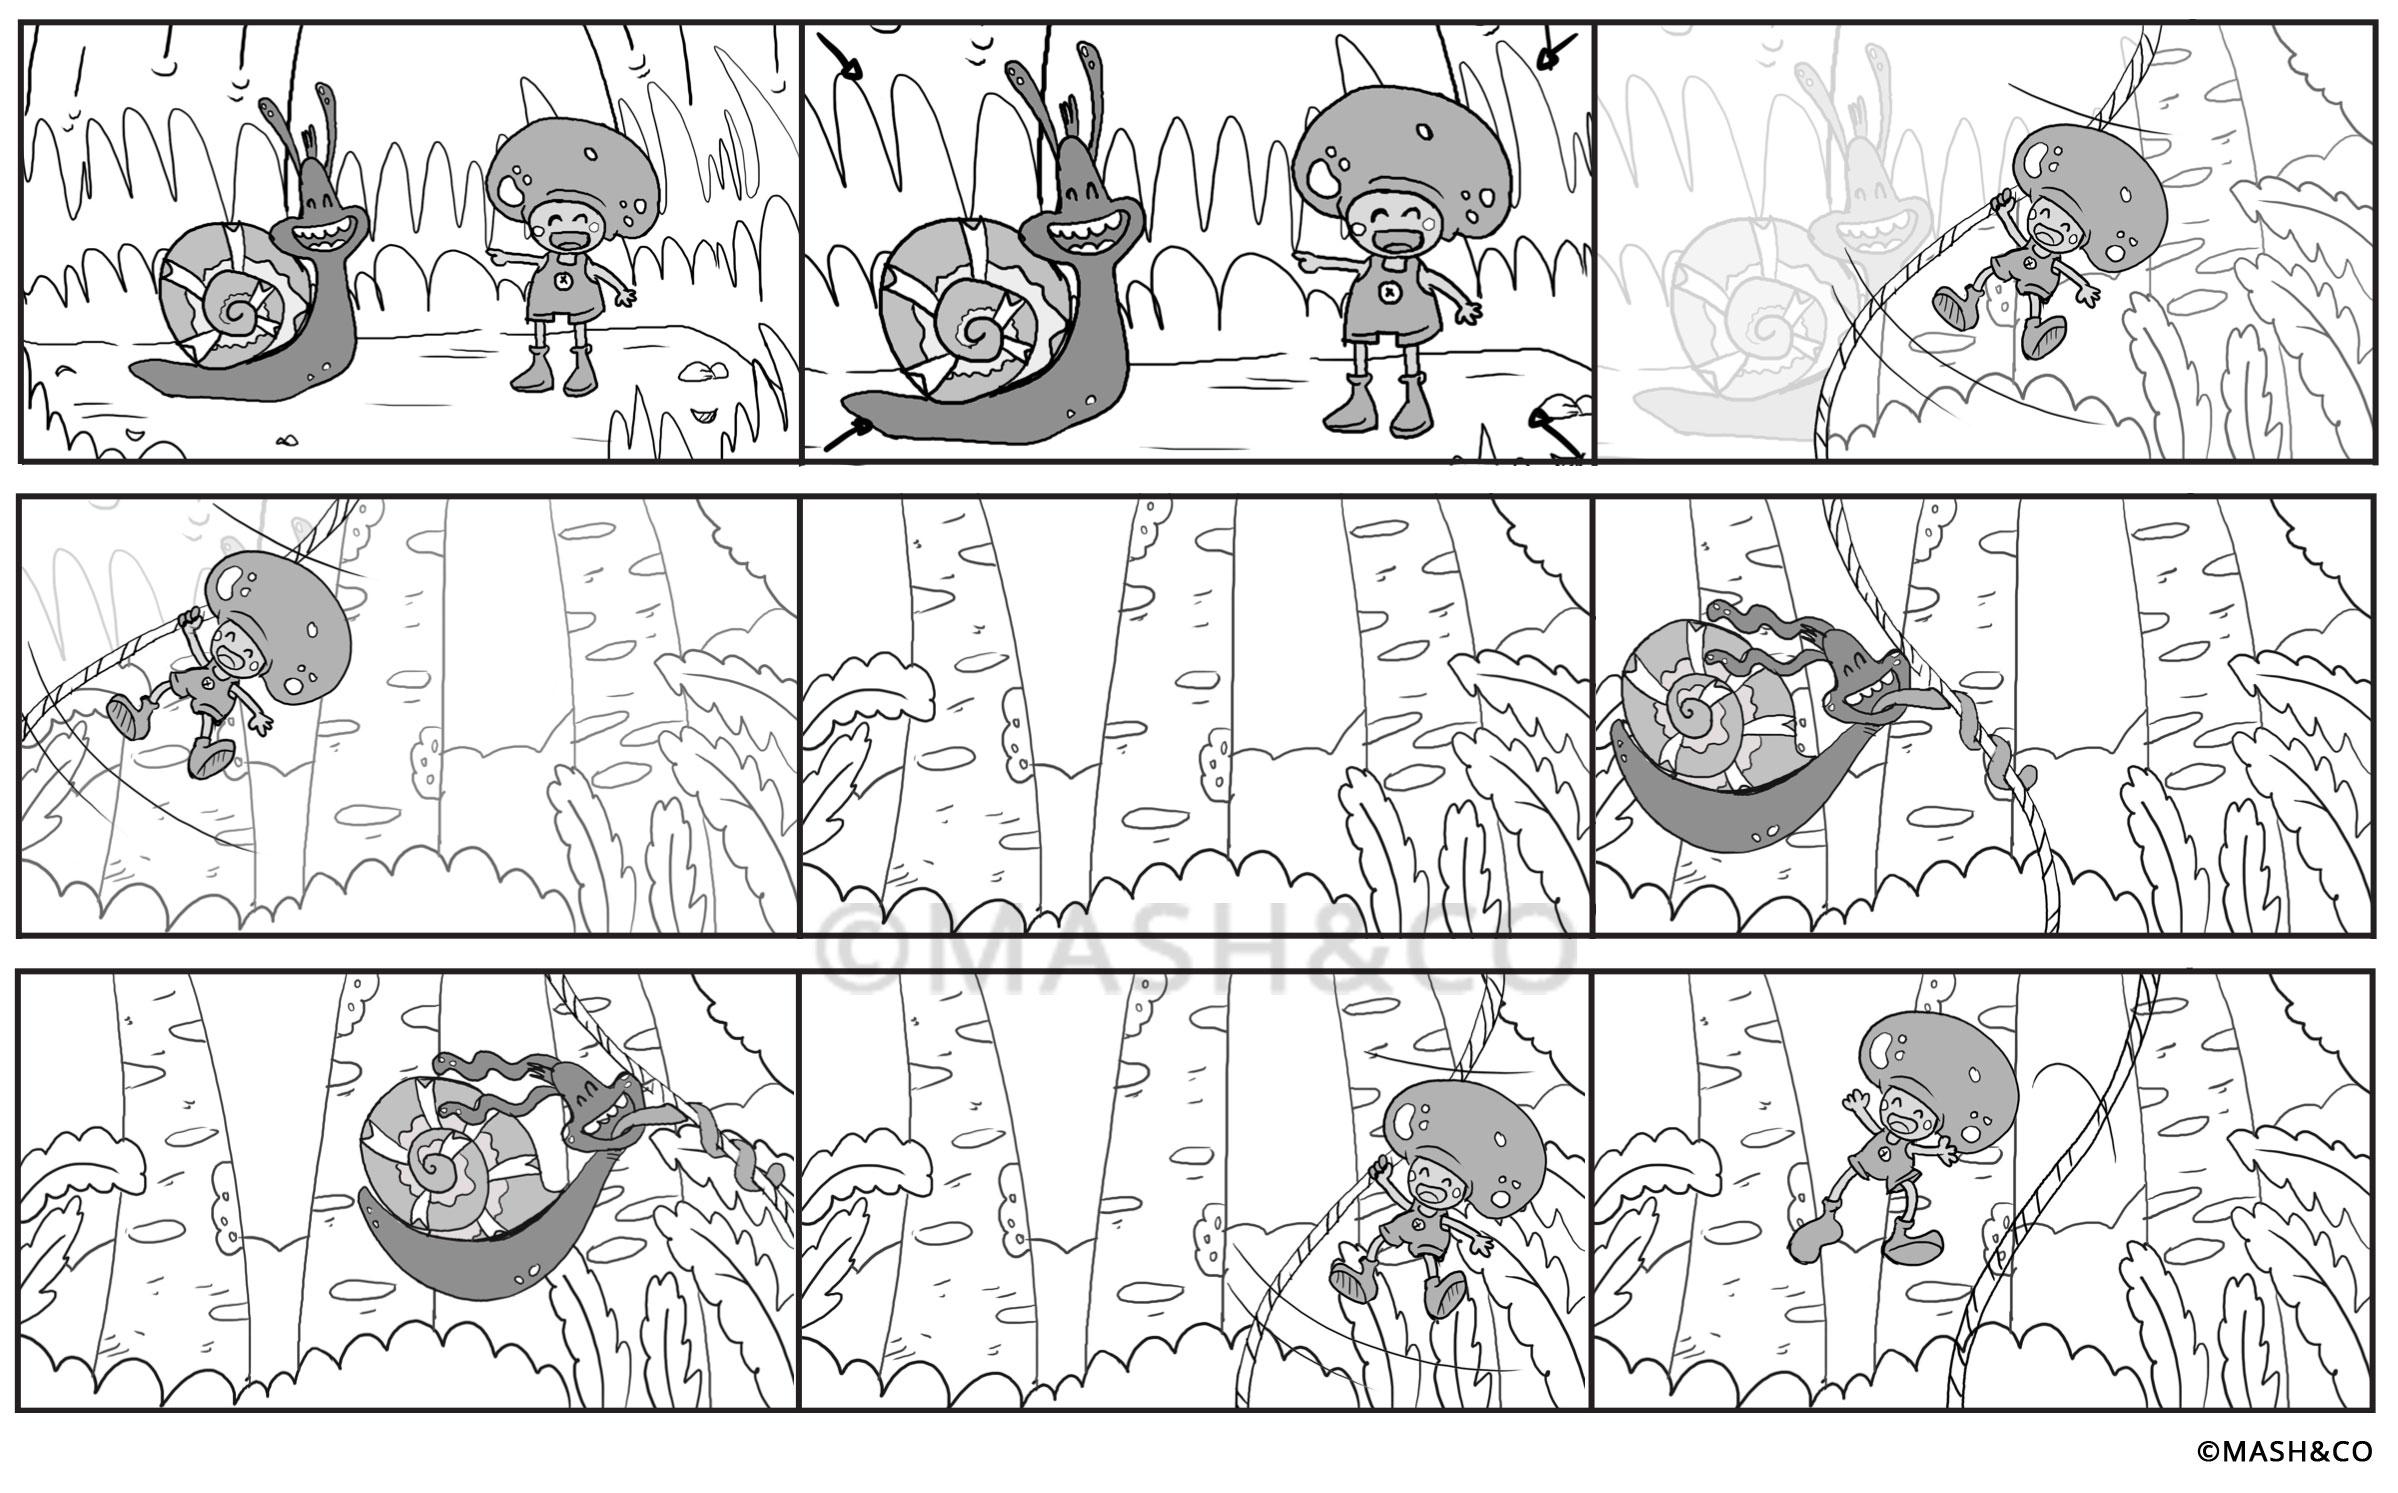 Lavori creativi: realizzare un cartone animato – Parte 2